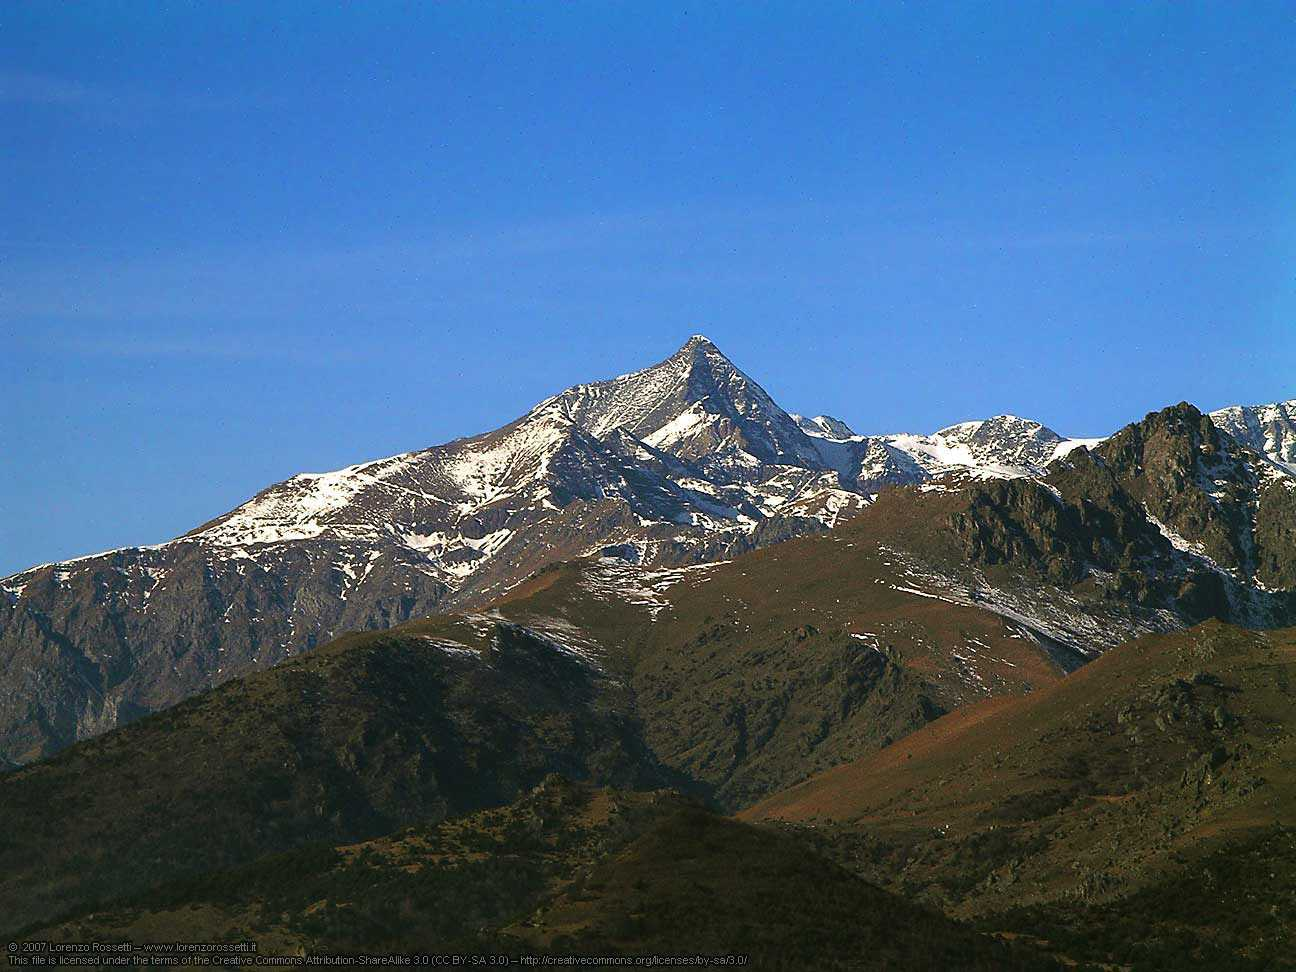 Heute findet man Alpenrispengras auch auf dem 3500 Meter hohen Rocciamelone in den Alpen.